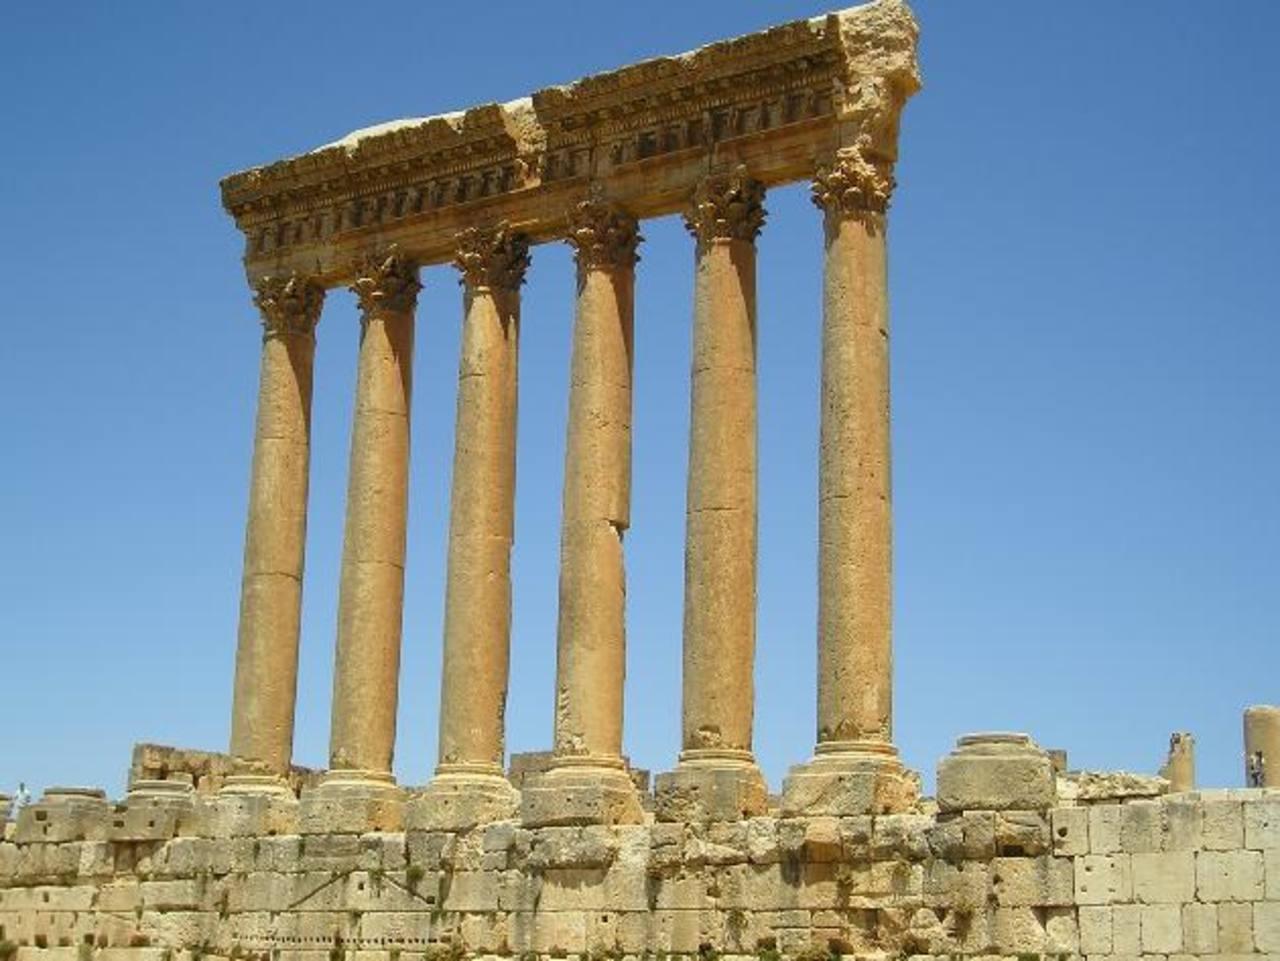 El sitio de Baal beck es de mucha importancia por poseer templos romanos que están ya muy frágiles.